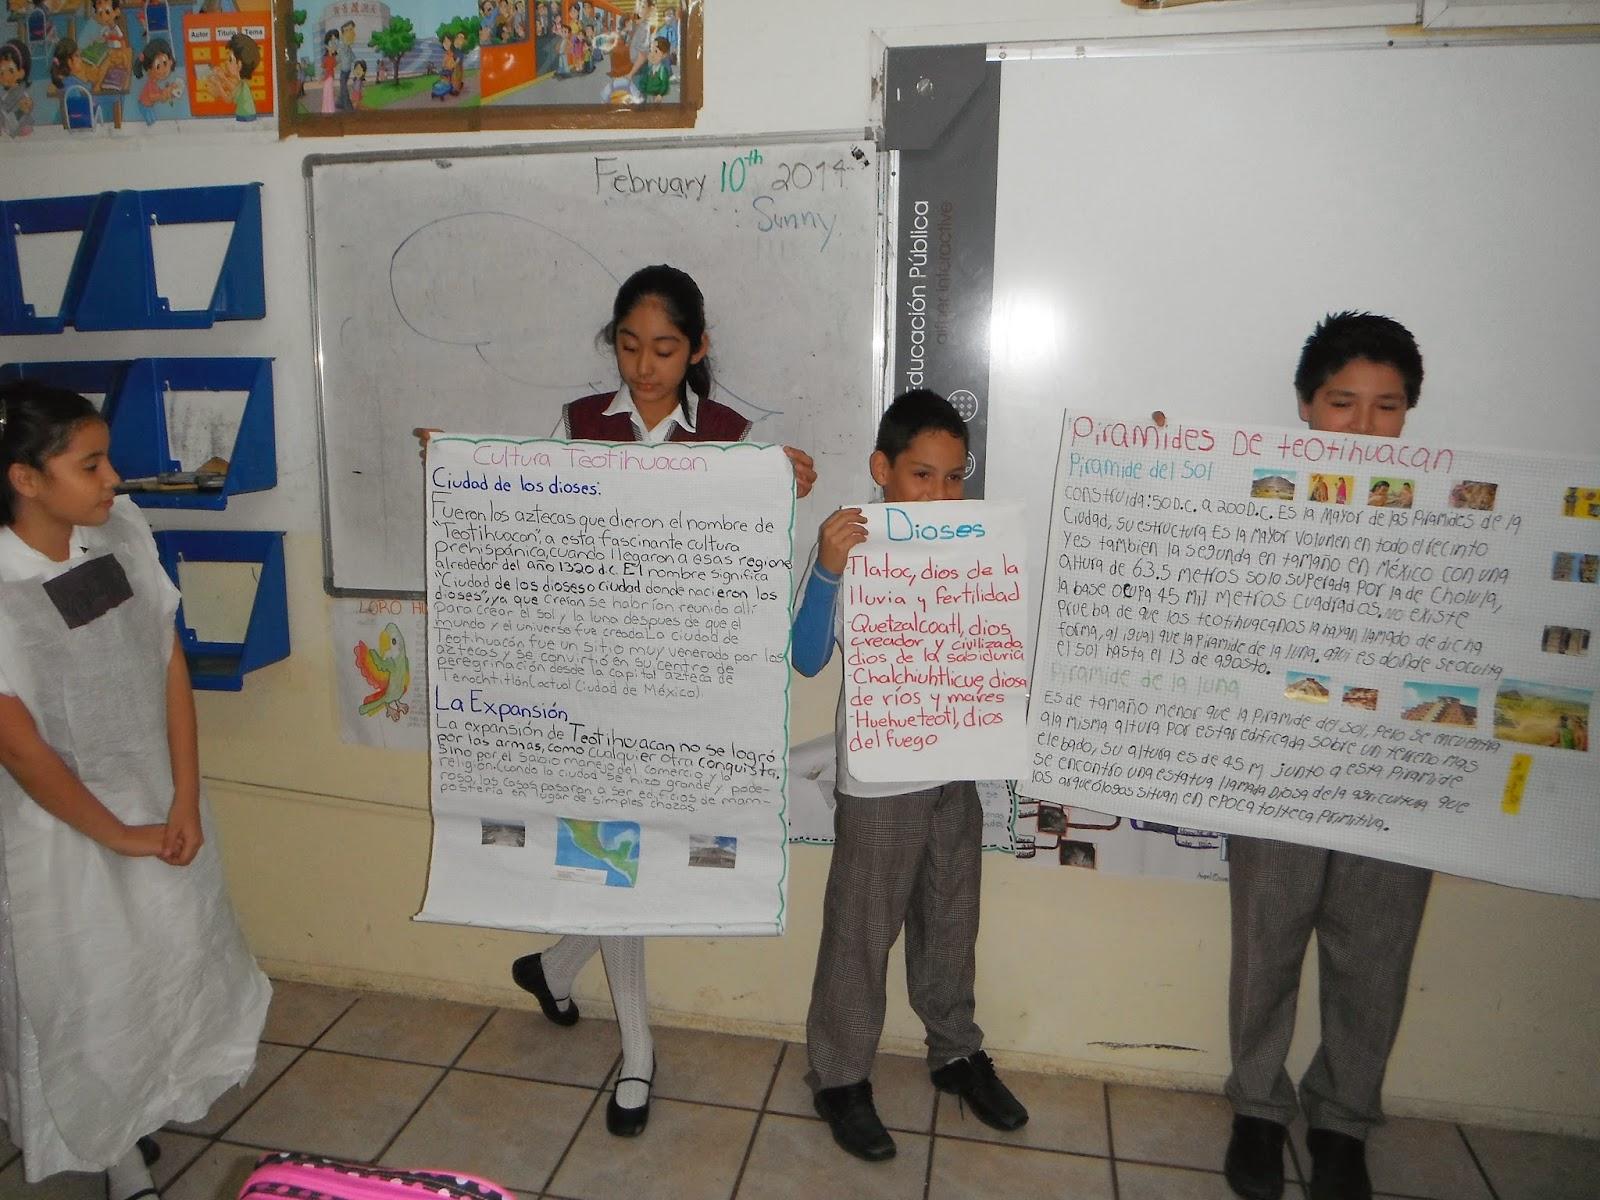 ... donde se ubicaron las civilizaciones mesoamericanas y andinas html